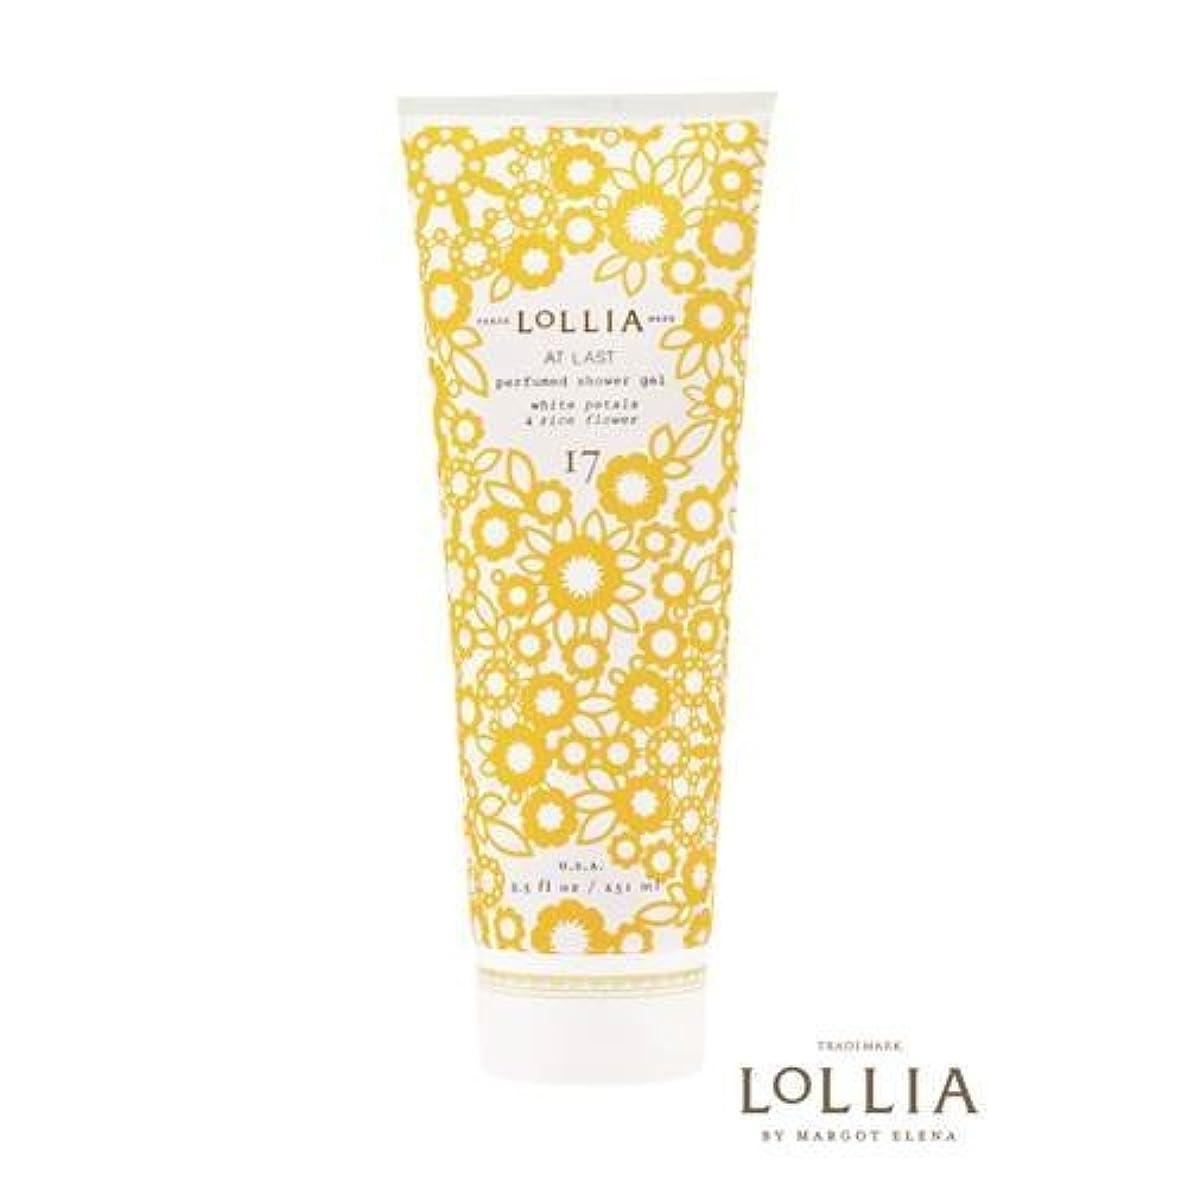 恥ずかしさピストルアナロジーロリア(LoLLIA) パフュームドシャワージェル AtLast 251ml(全身用洗浄料 ボディーソープ ライスフラワー、マグノリアとミモザの柔らかな花々の香り)